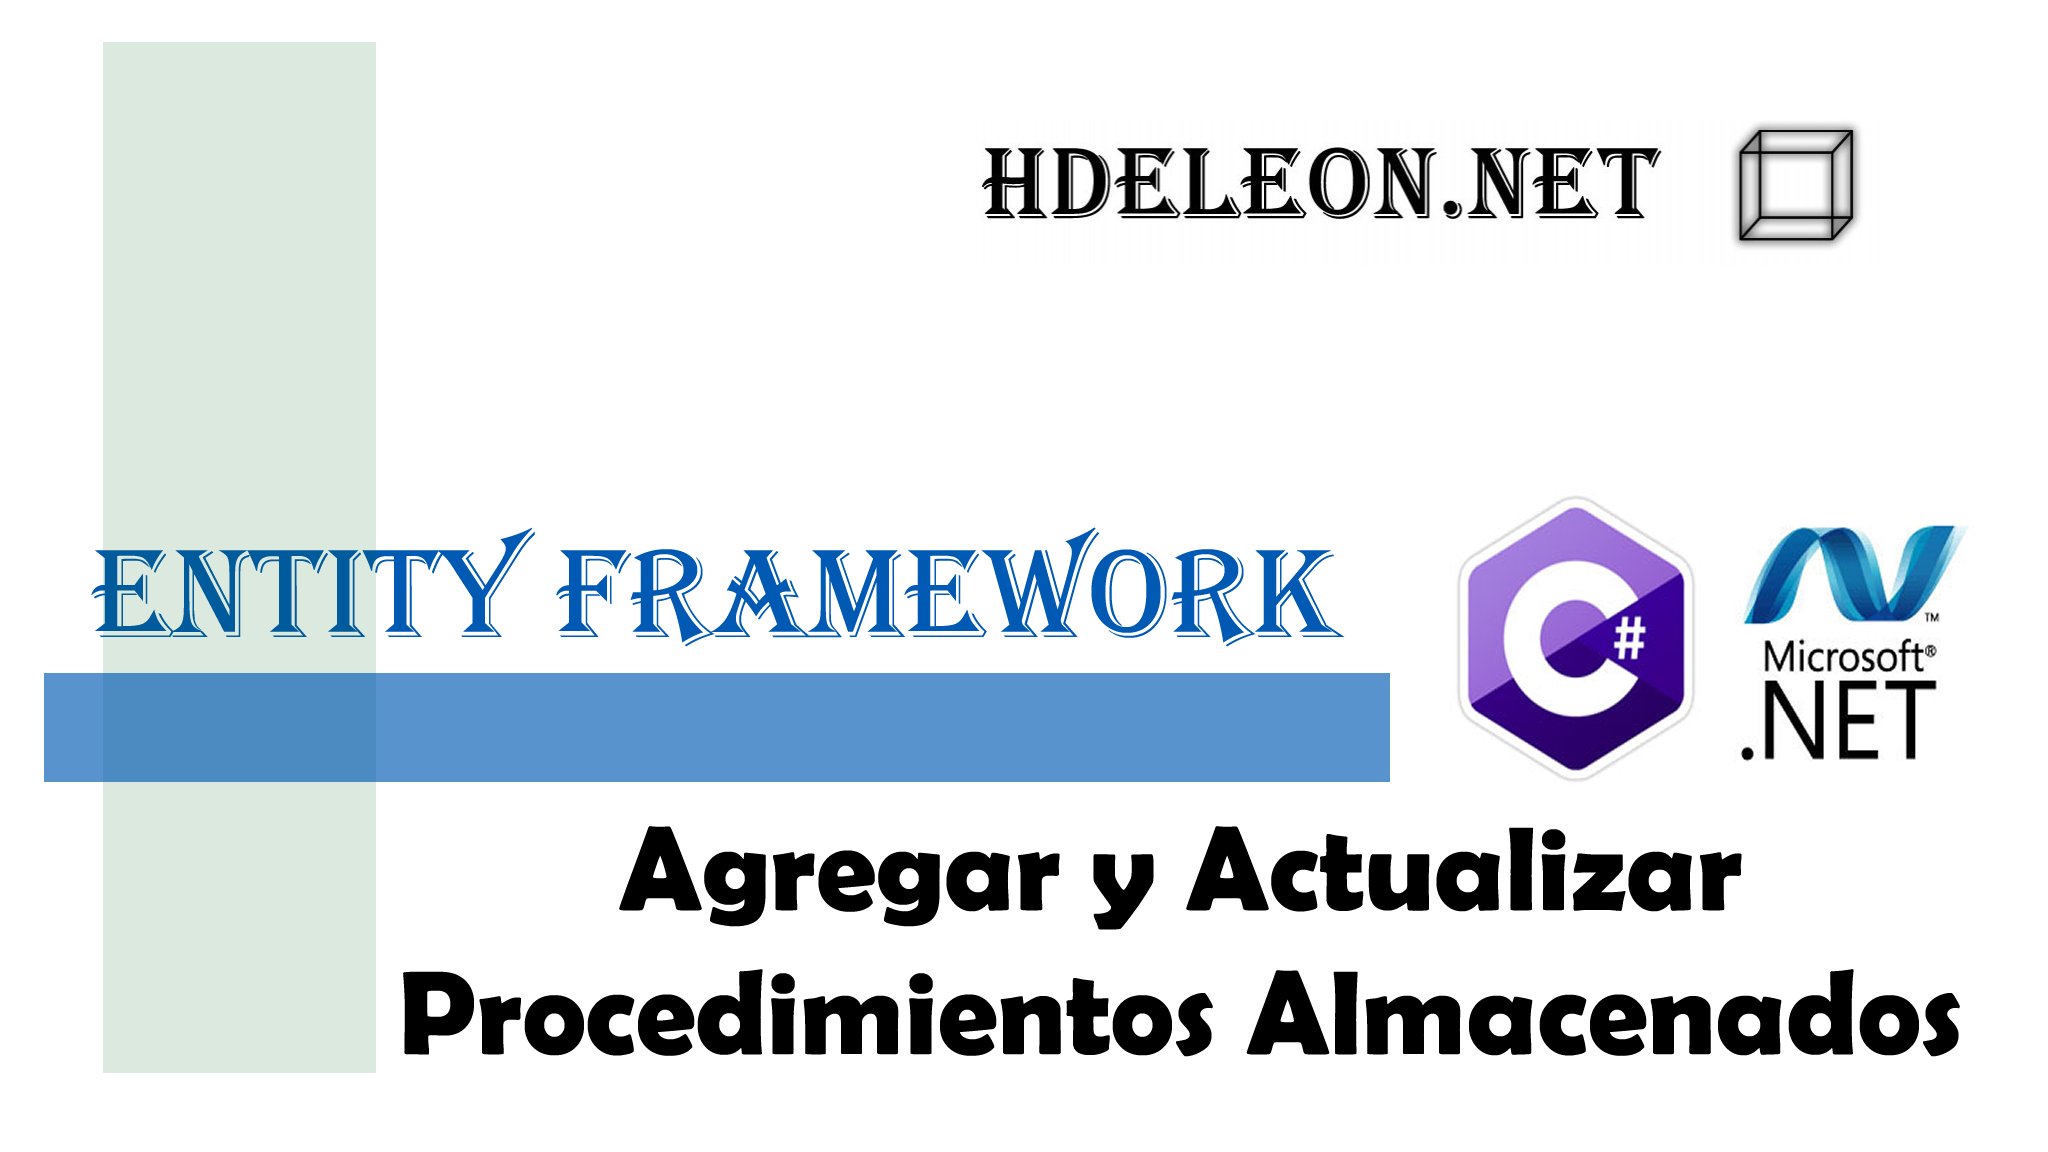 ¿Cómo agregar y actualizar procedimientos almacenados a Entity Framework?, C# .Net